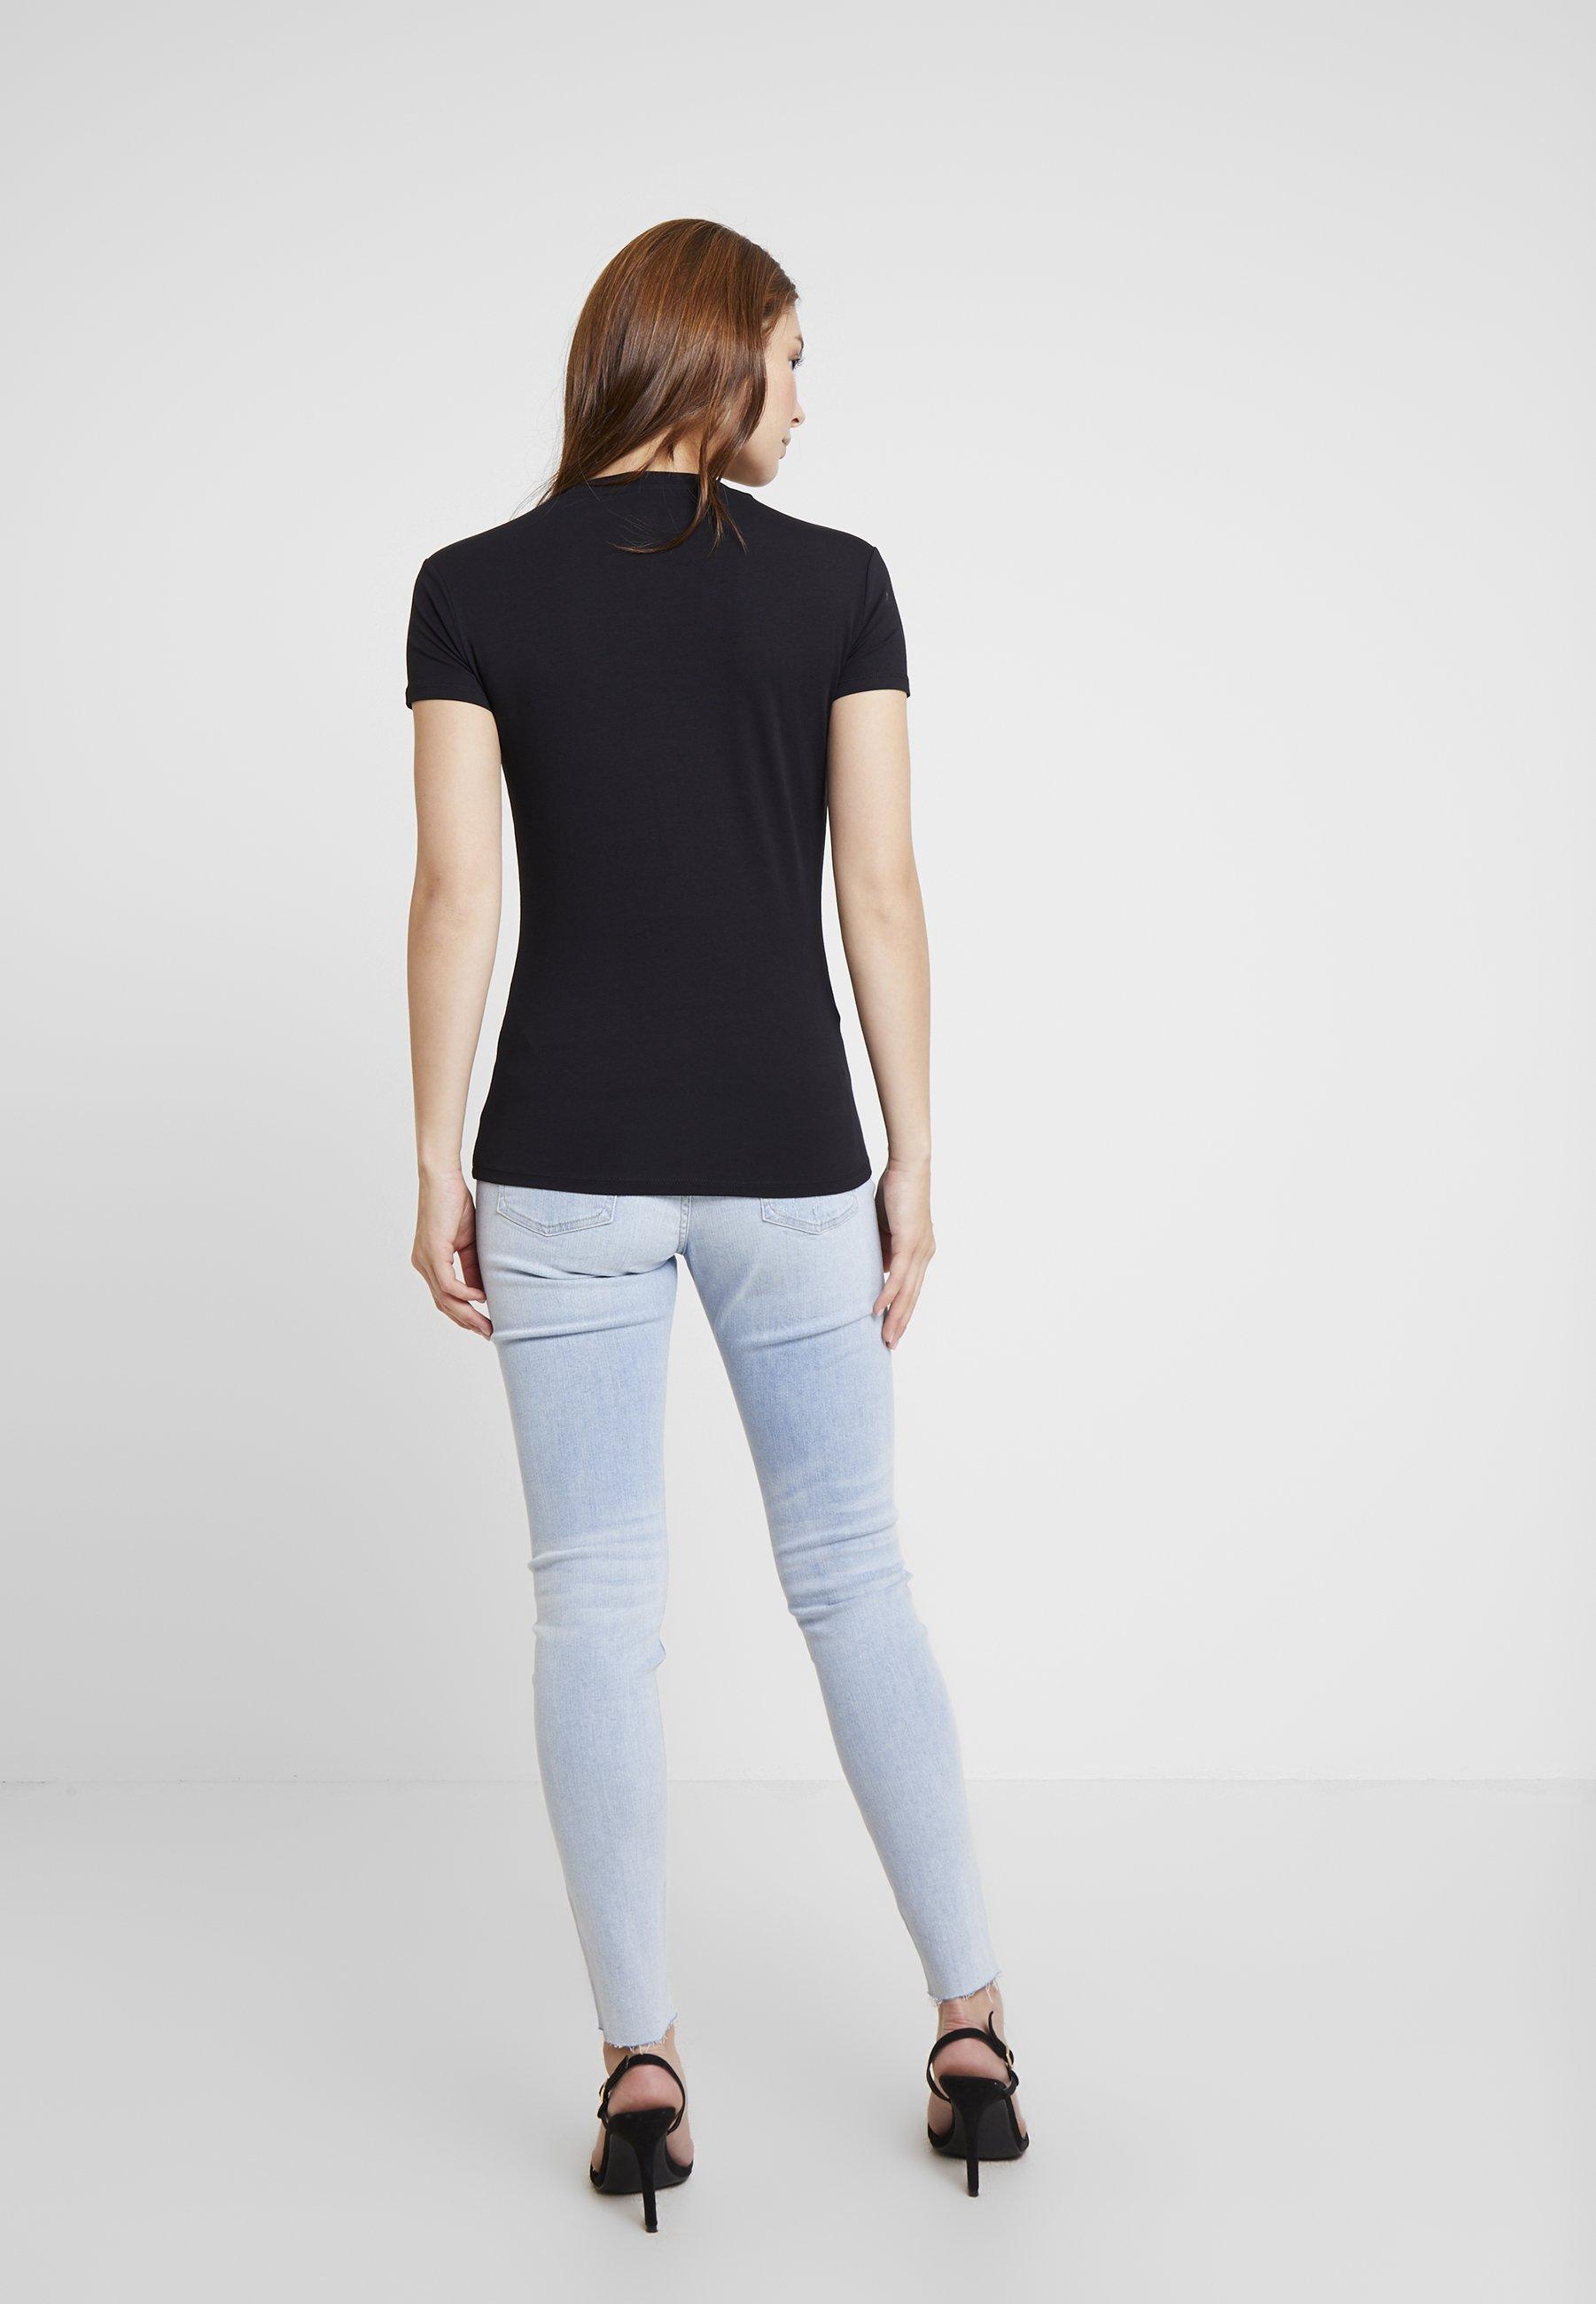 Guess Imprimé Black shirt IconT Jet QrCeWEodBx